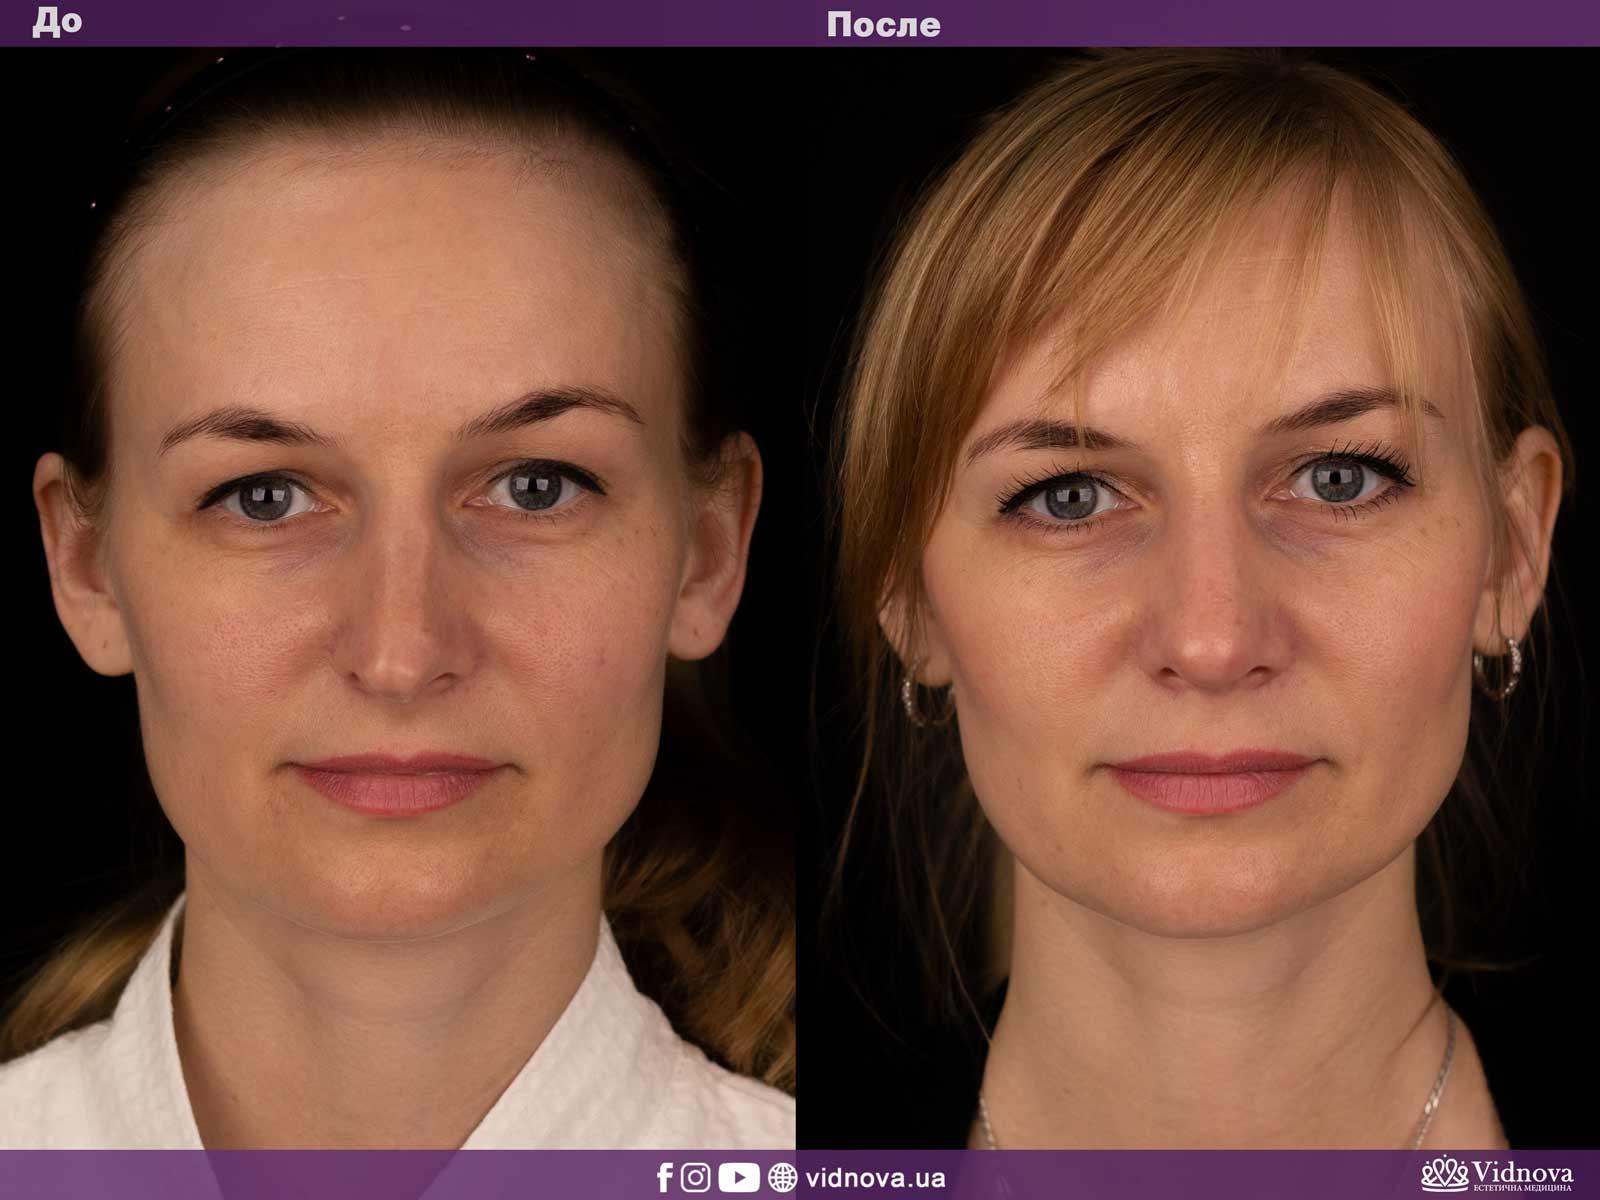 Ринопластика: Фото ДО и ПОСЛЕ - Пример №3-1 - Клиника Vidnova